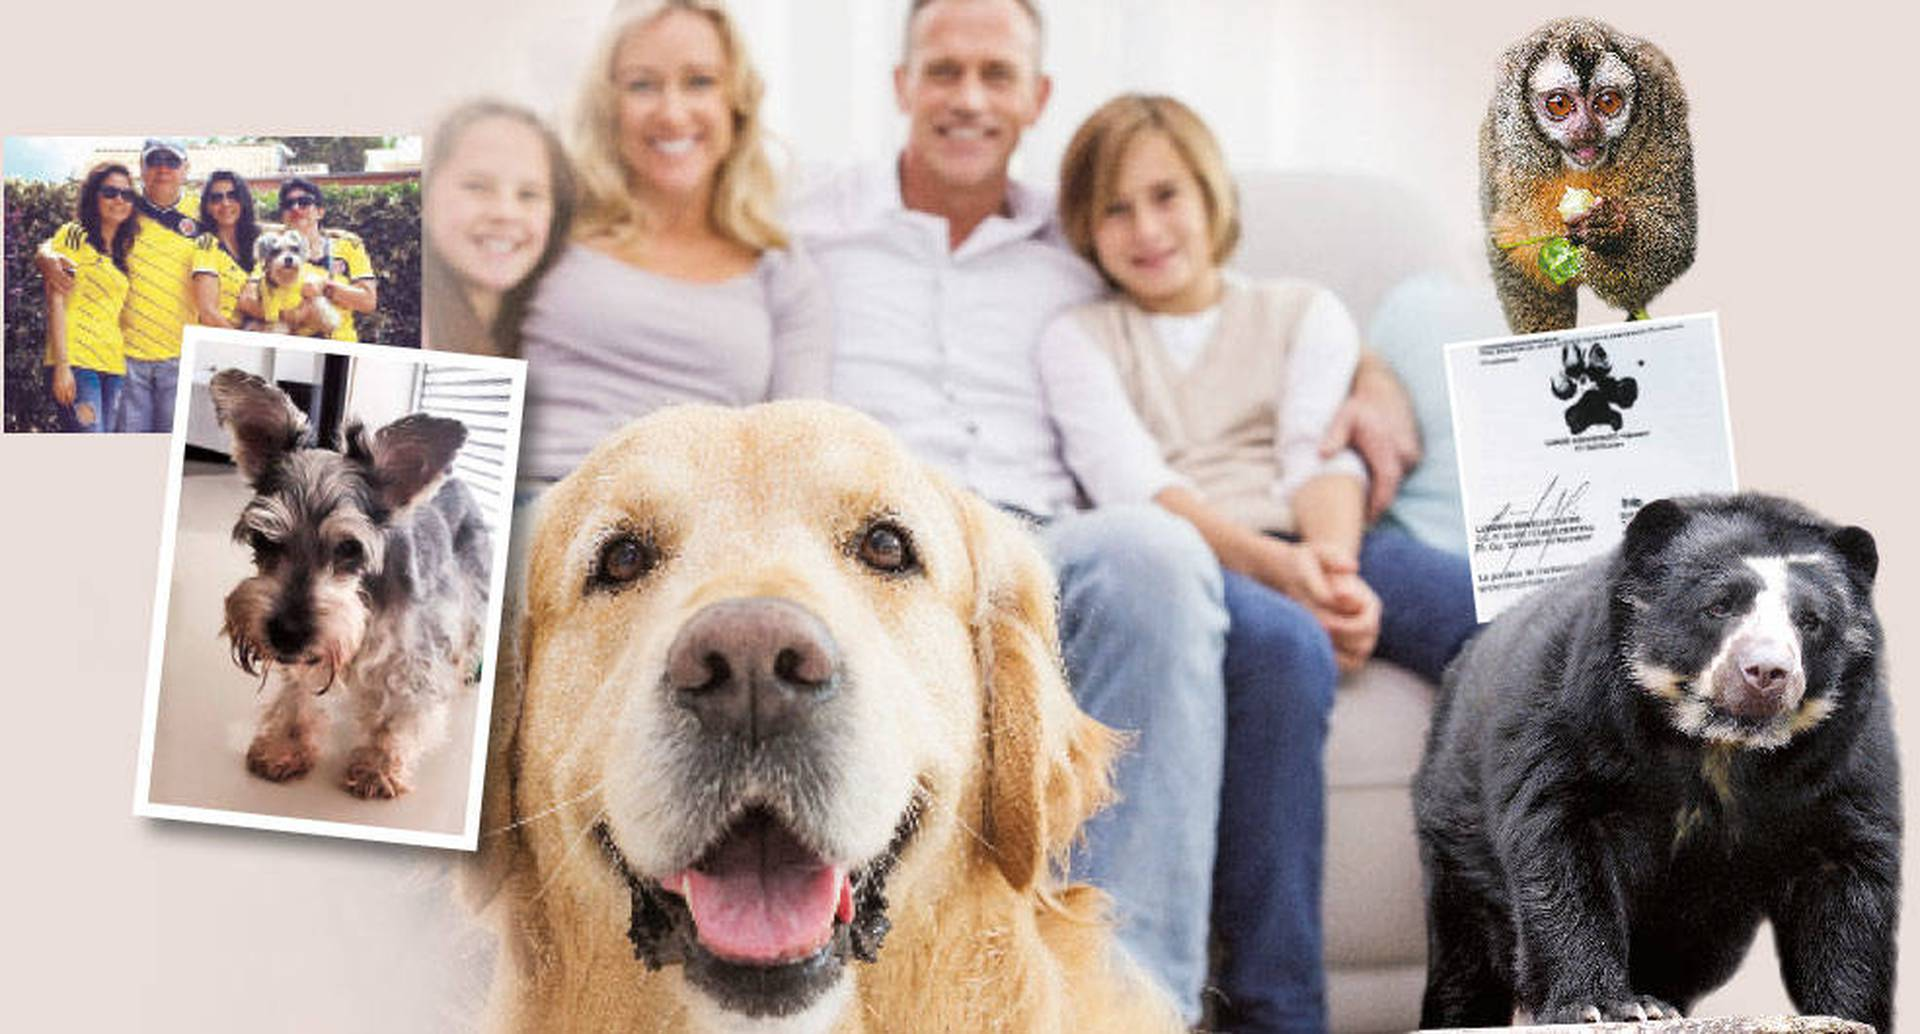 El caso de Clifford, un perro que padece epilepsia, revivió el debate sobre los animales como sujetos de derecho.